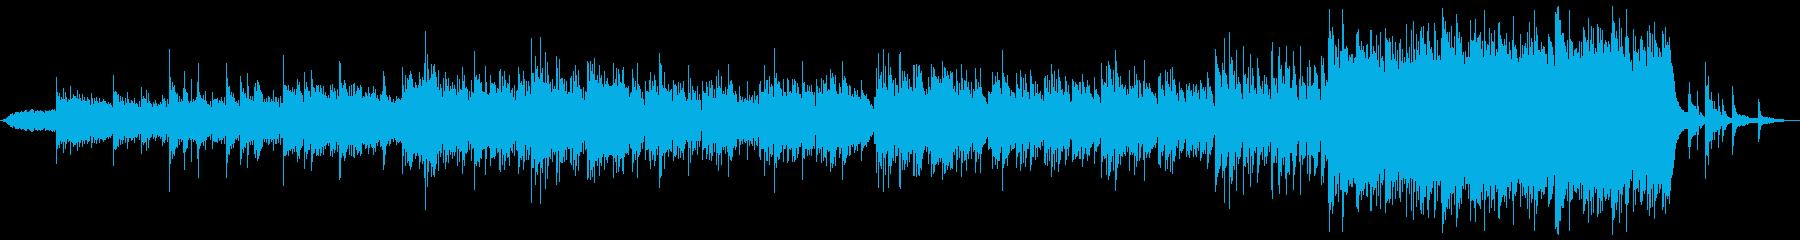 前半メランコリンクなピアノ+後半オケの再生済みの波形